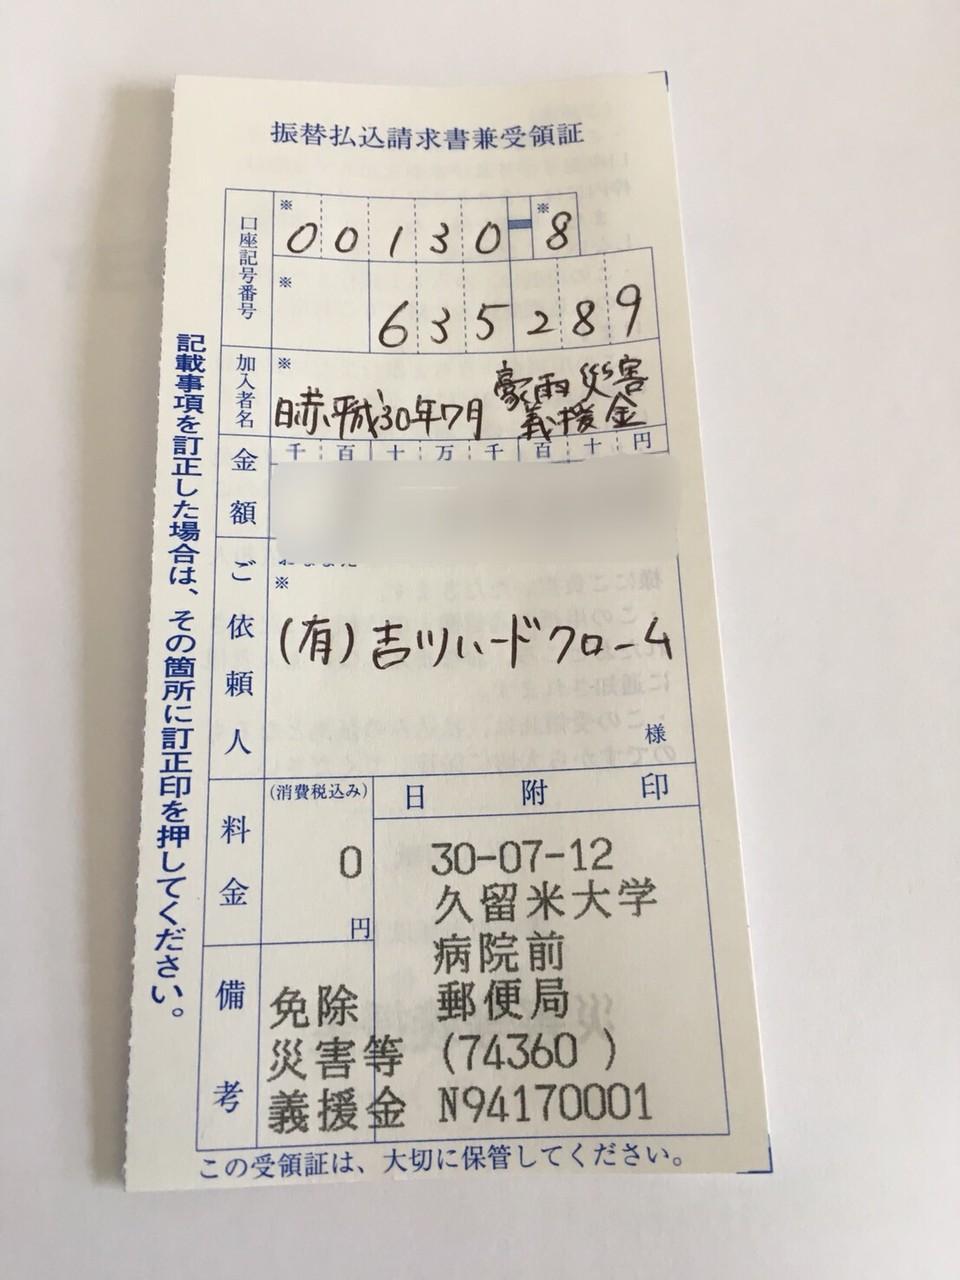 85C8E09A-A9E4-4DFC-9B69-C507BE8EC1BF